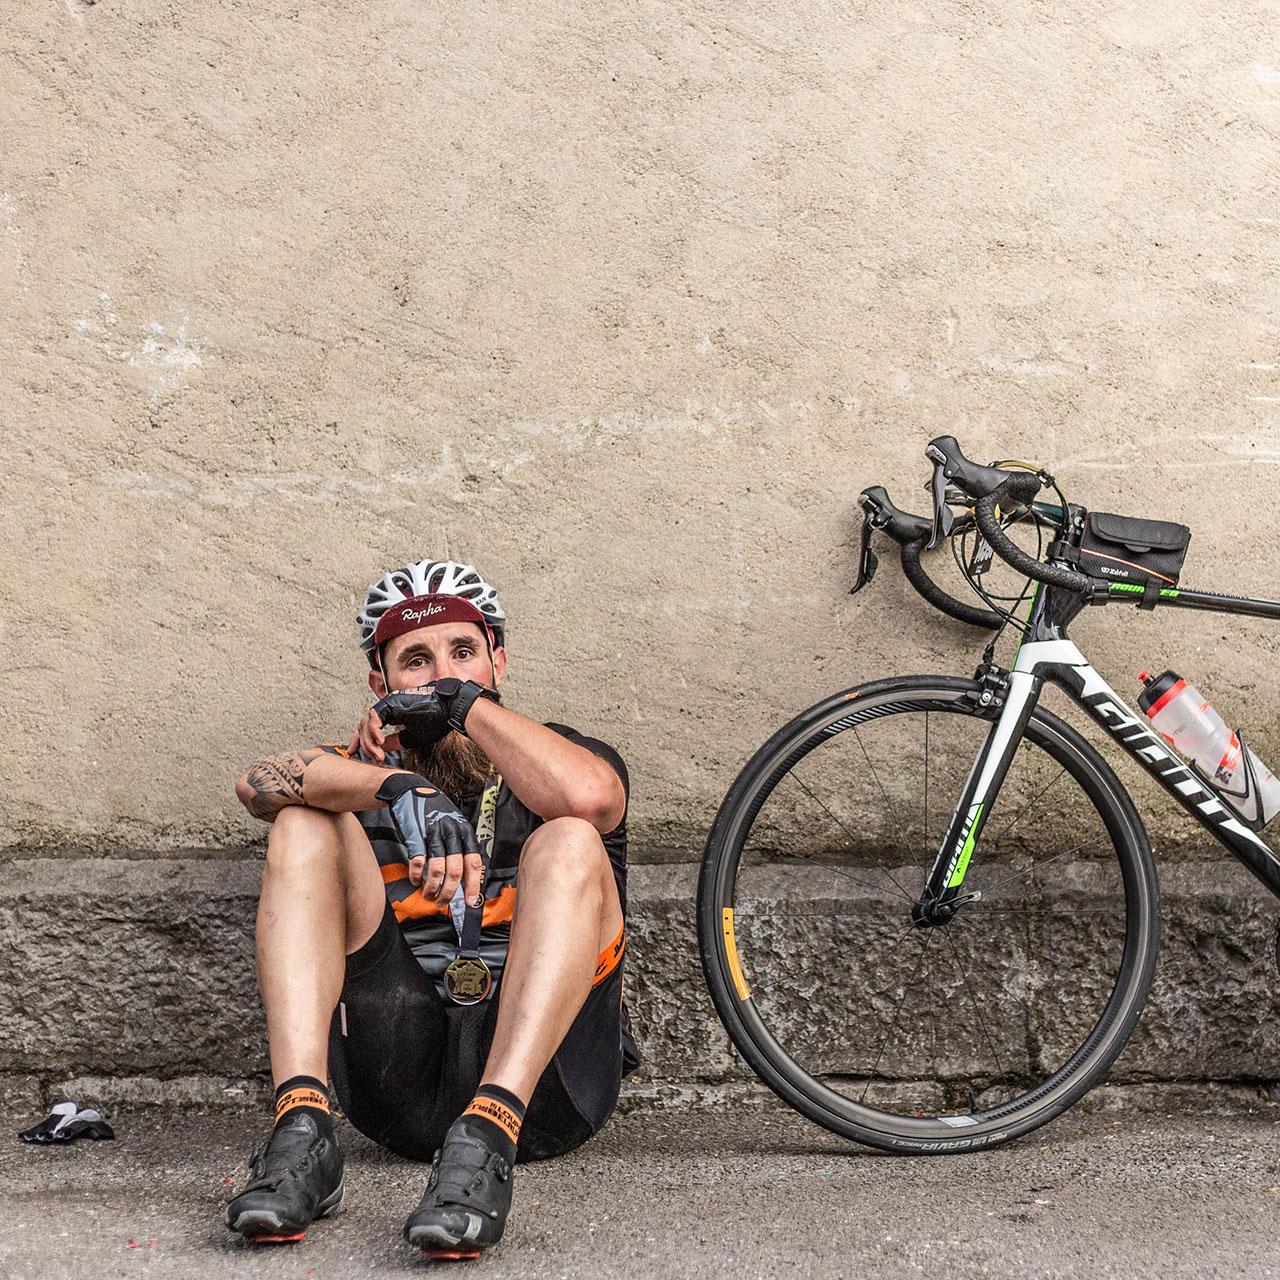 etape-du-tour-compressee-clement-hudry-82-172061-web-223999